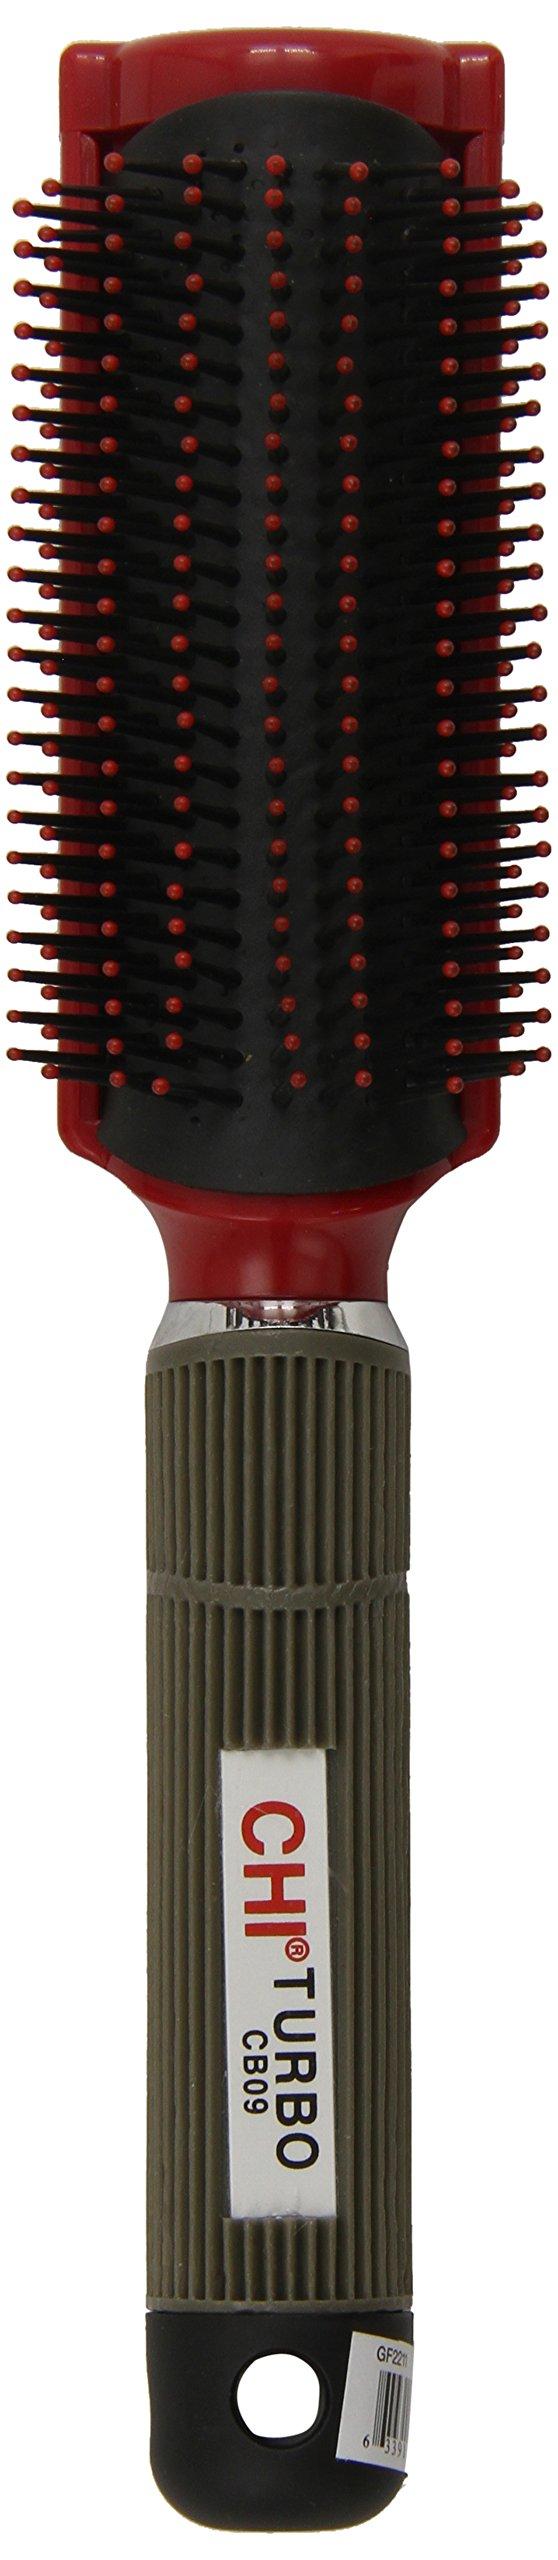 CHI Turbo Styling Brush, 0.235 lb. - 71QKm8YVXzL - CHI Turbo Styling Brush, 0.235 lb.